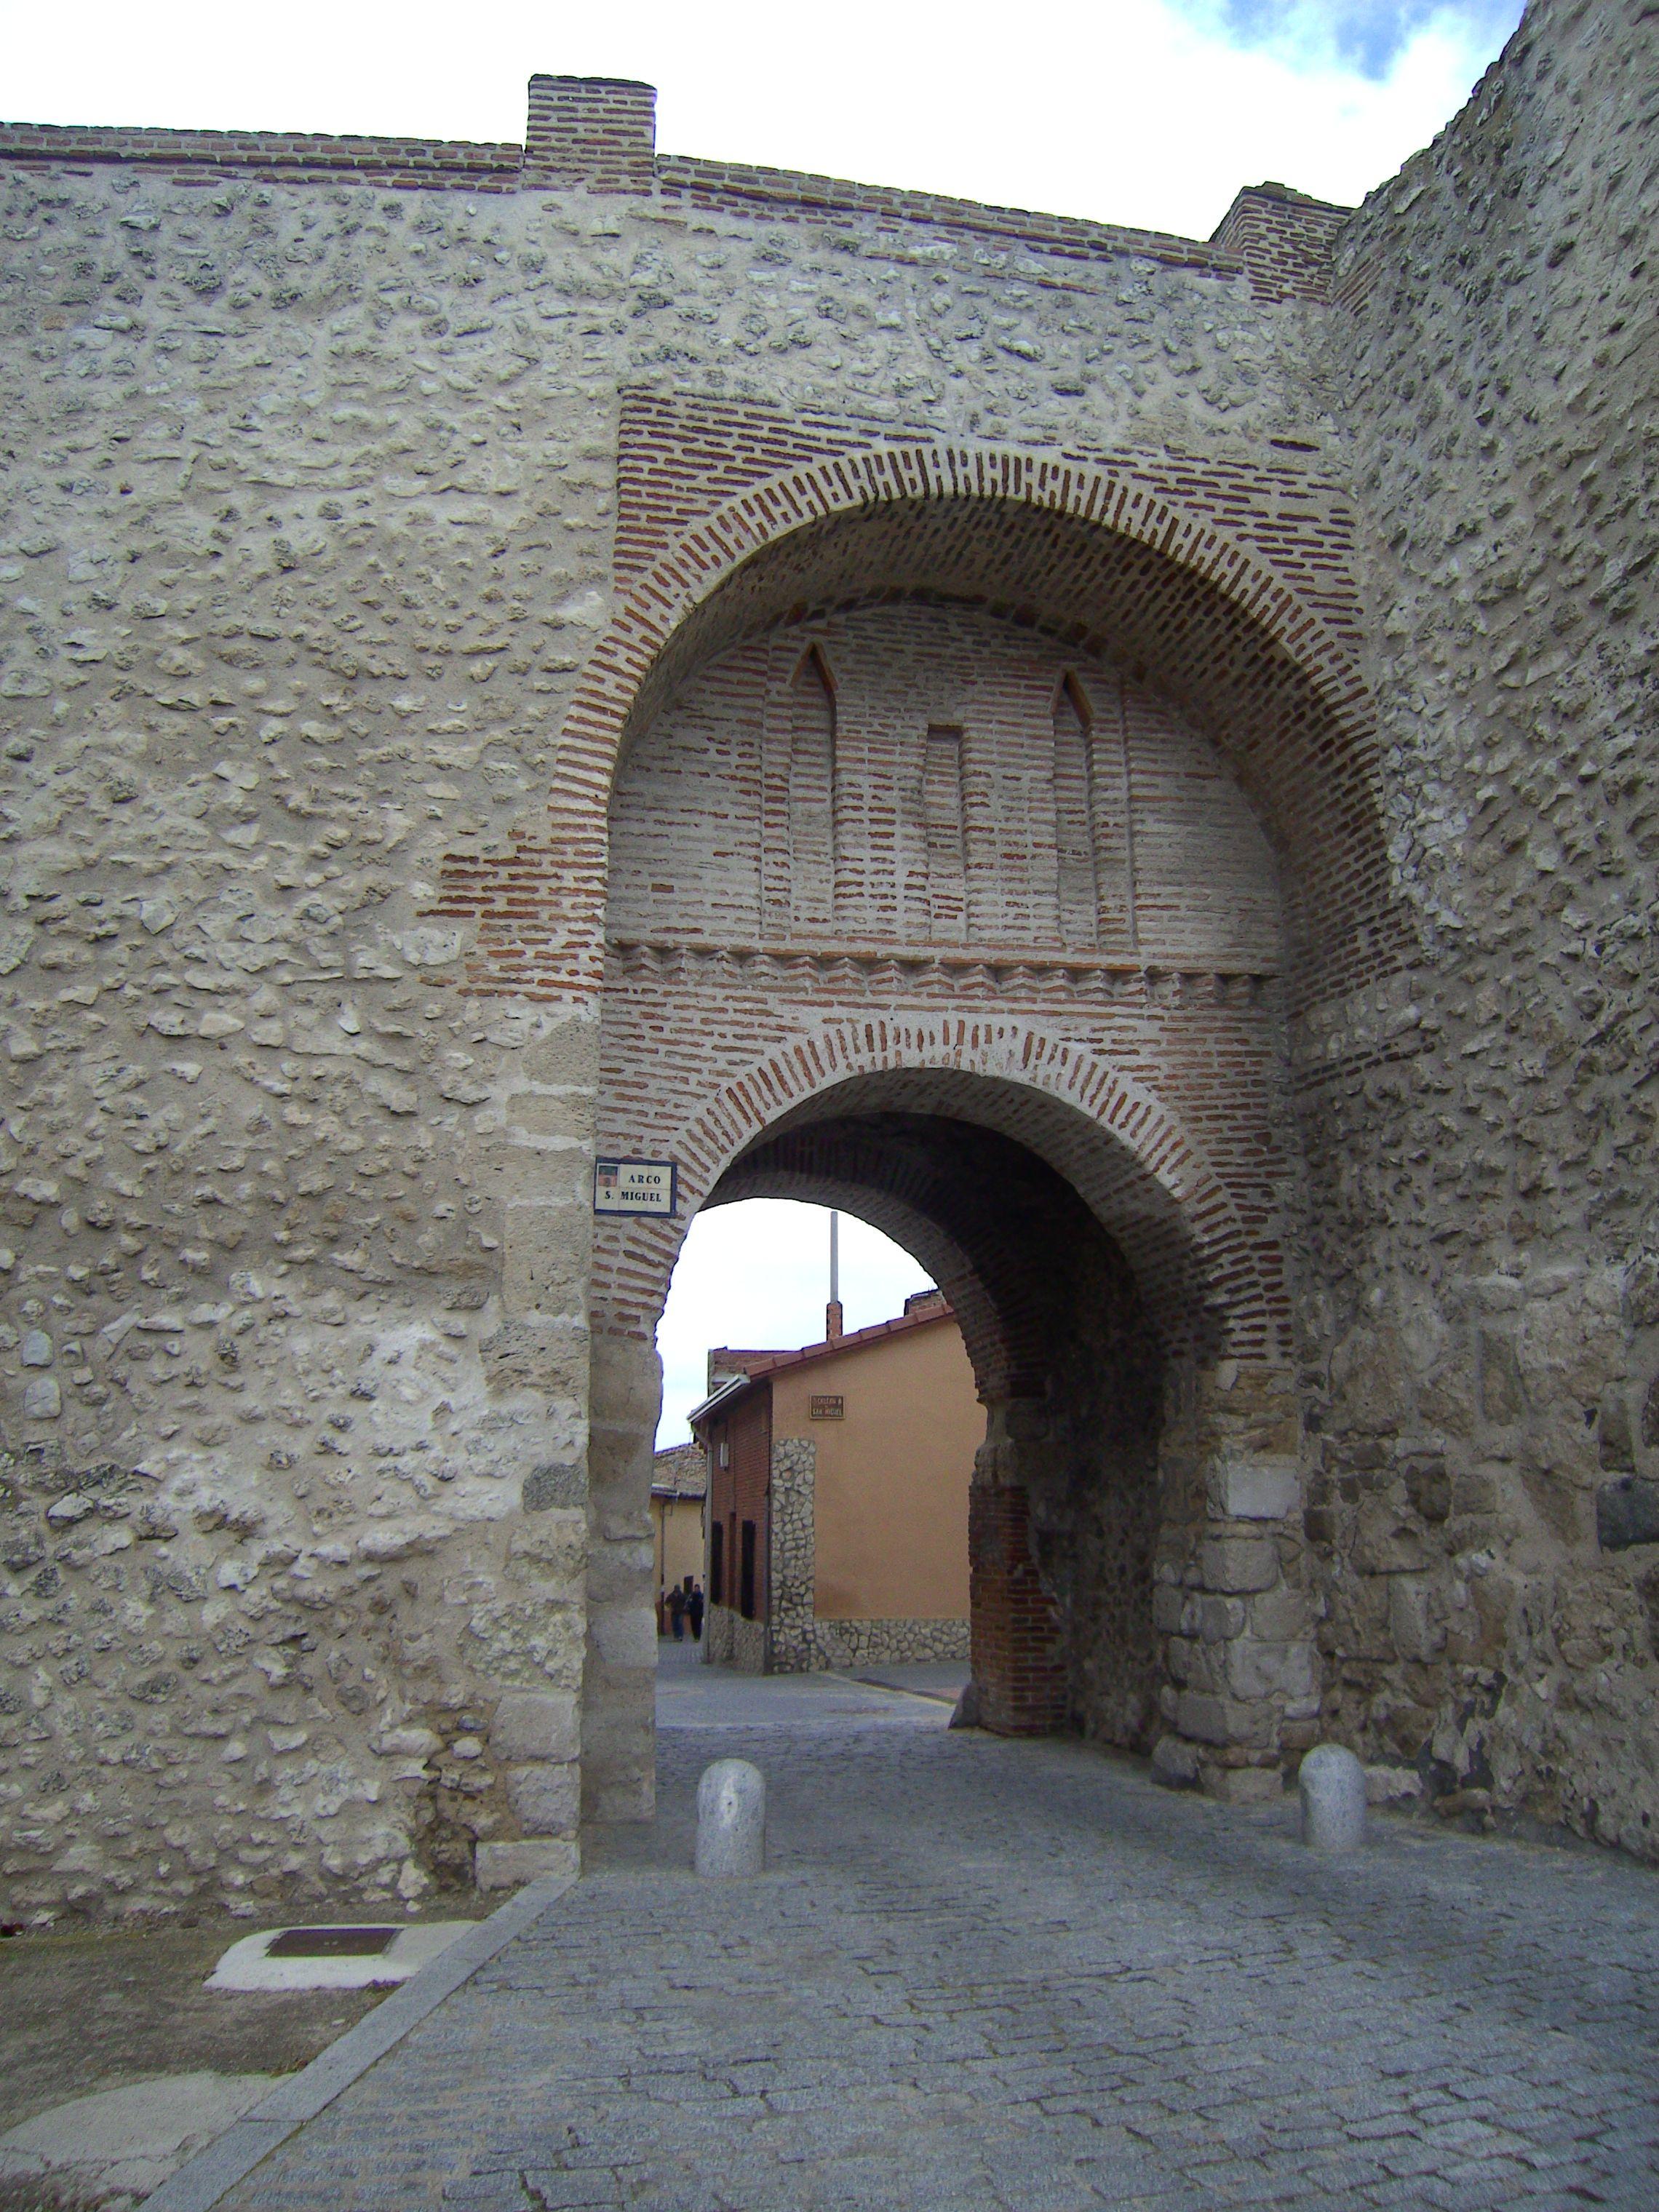 Olmedo, Valladolid. Arco de San Miguel. Olmedo era